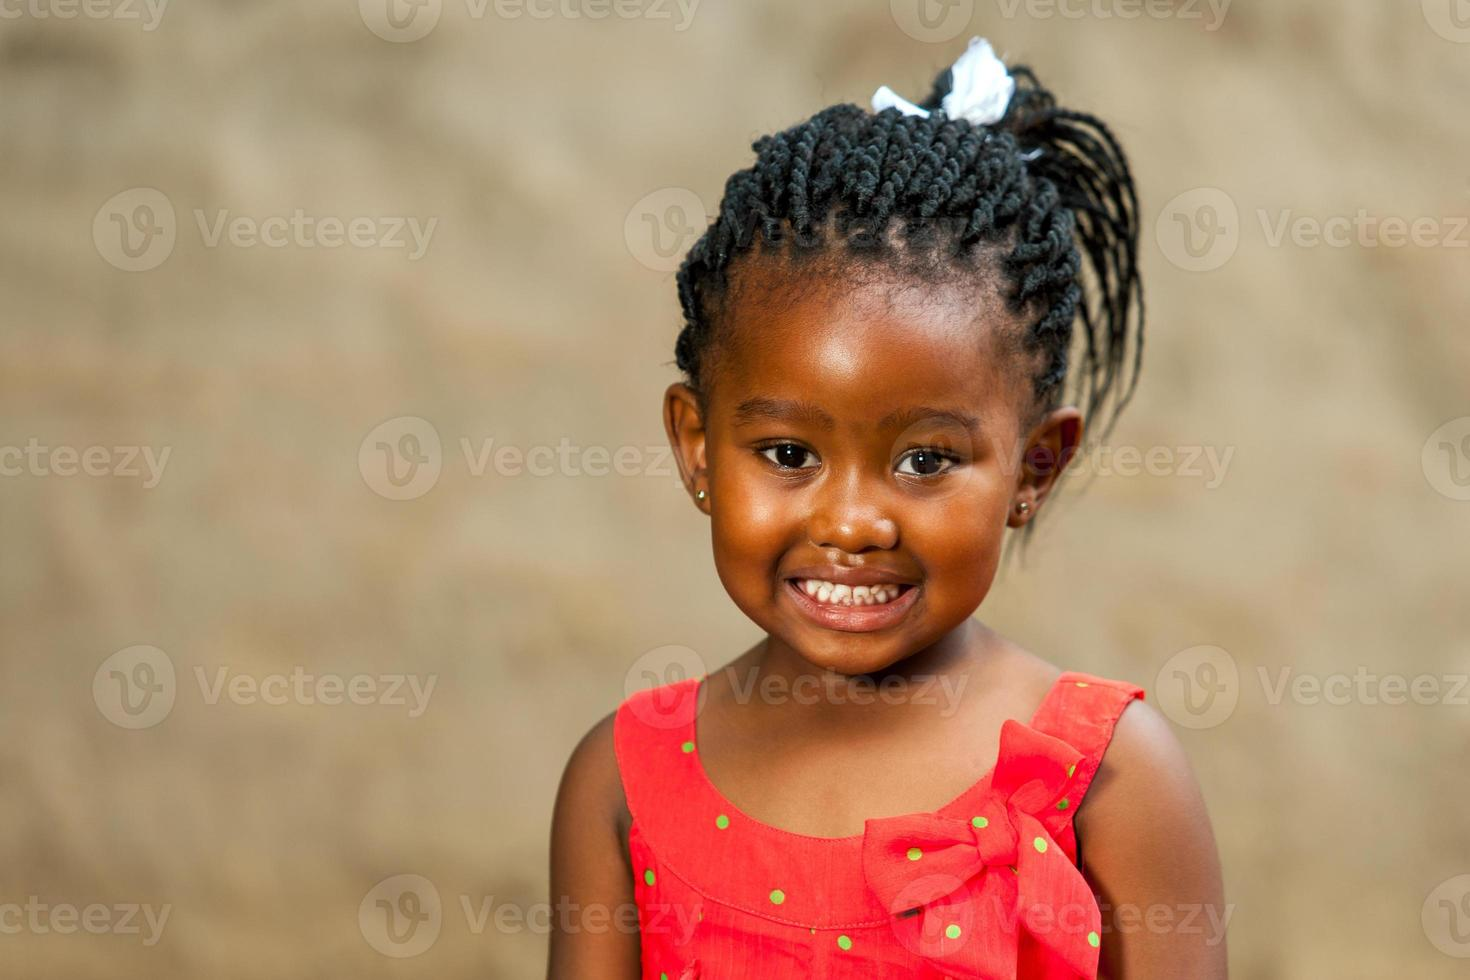 menina africana com penteado trançado. foto